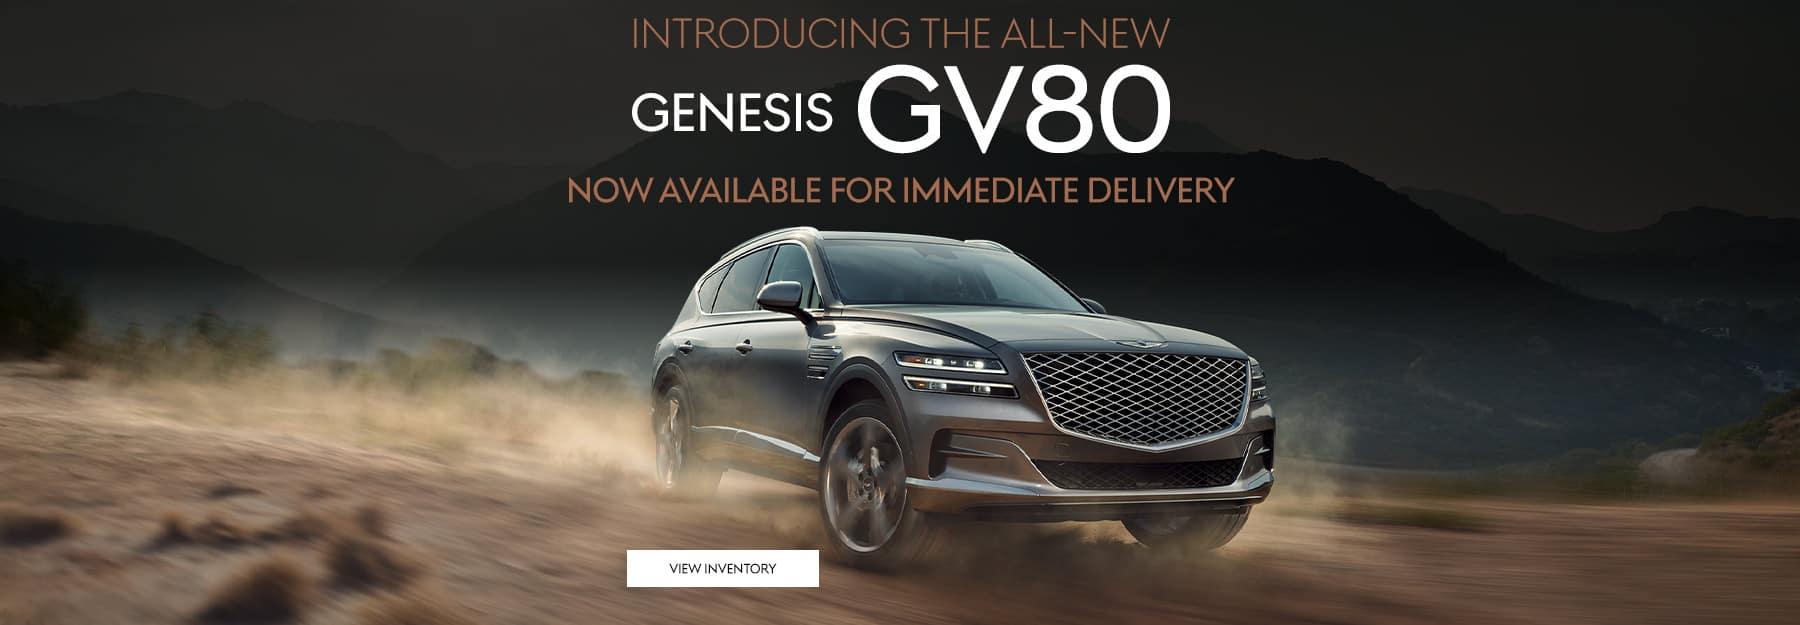 Genesis_Littleton_GV80Sldie-1-216